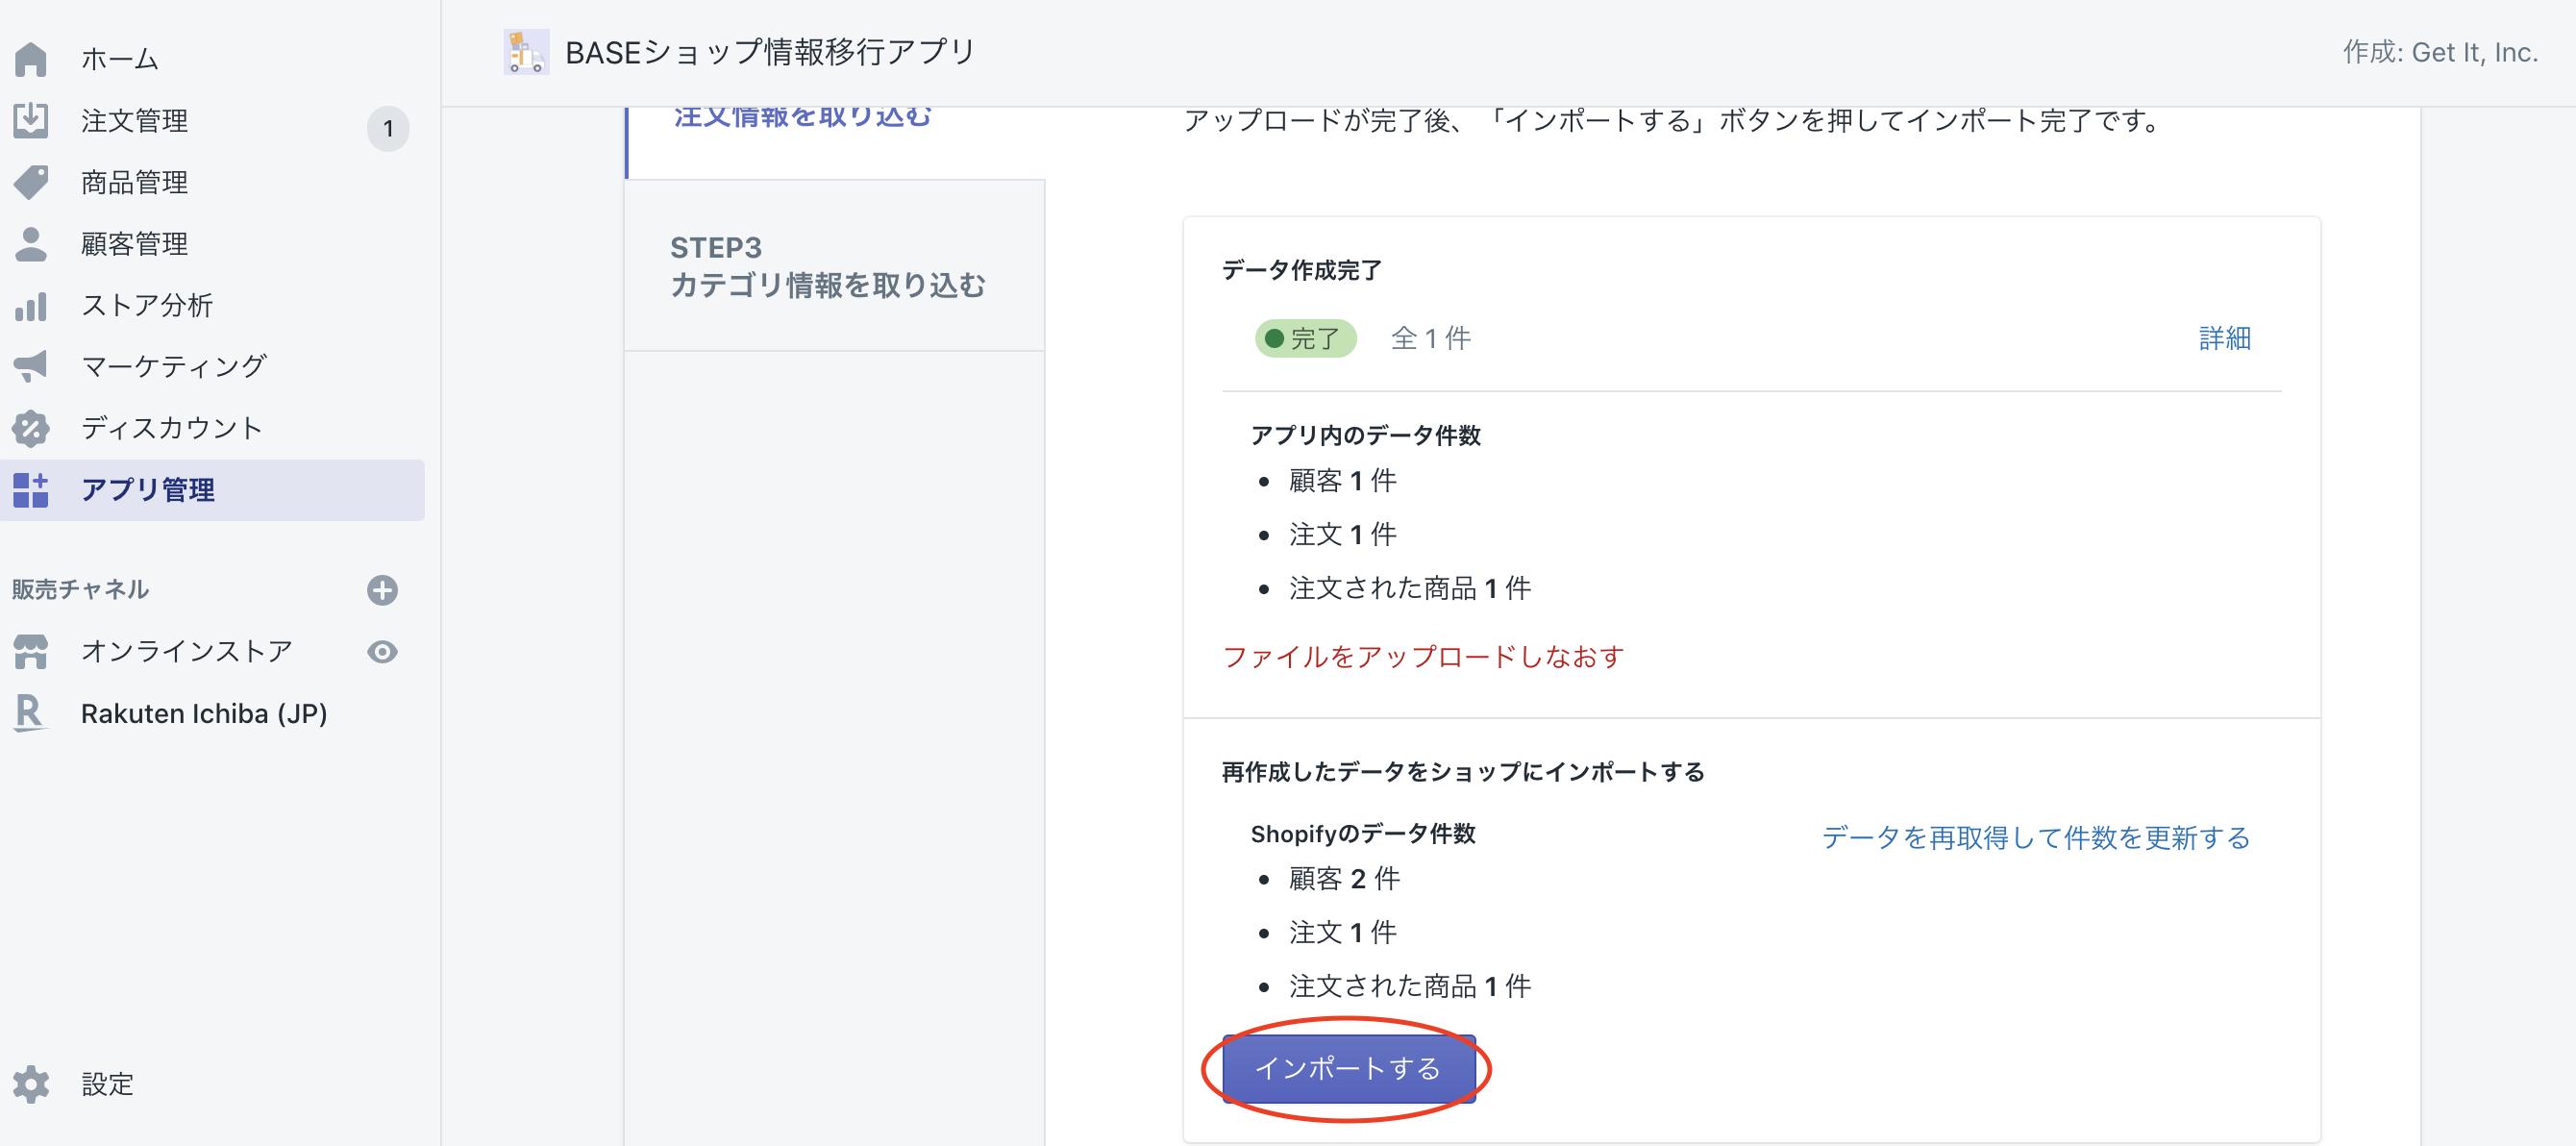 Shopify管理画面、BASE商品情報CSVインポート